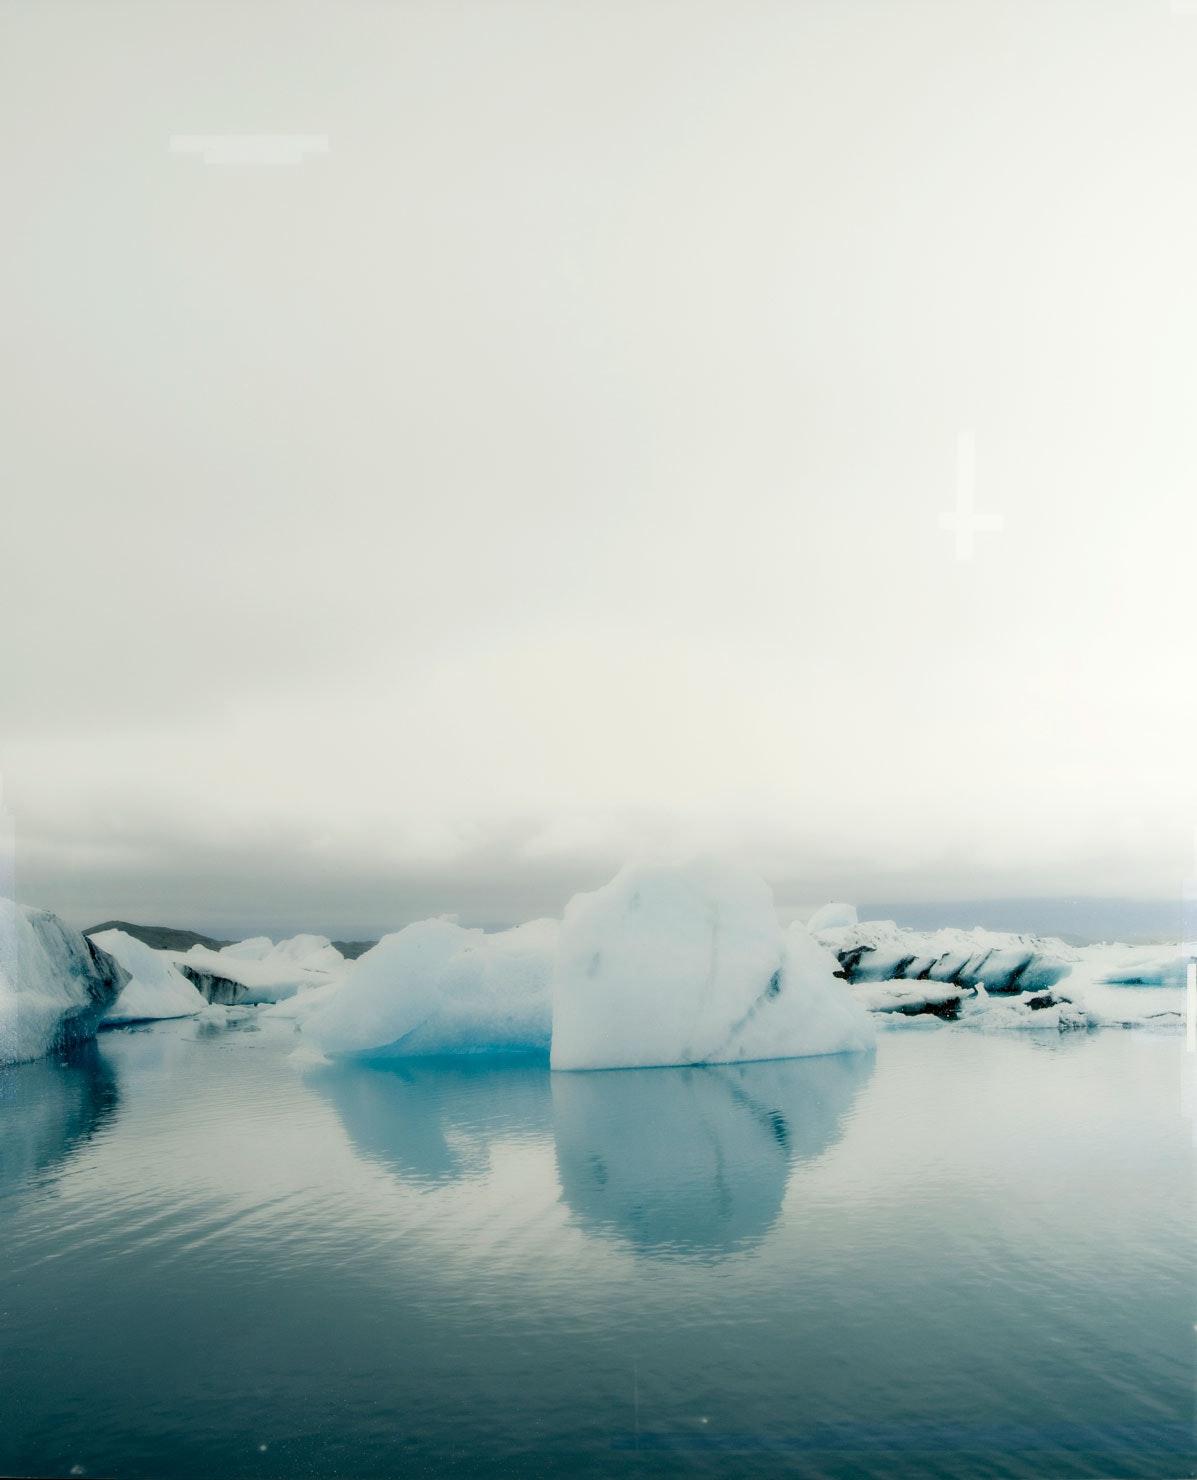 CHRISTINE FLYNN - ICEBERG